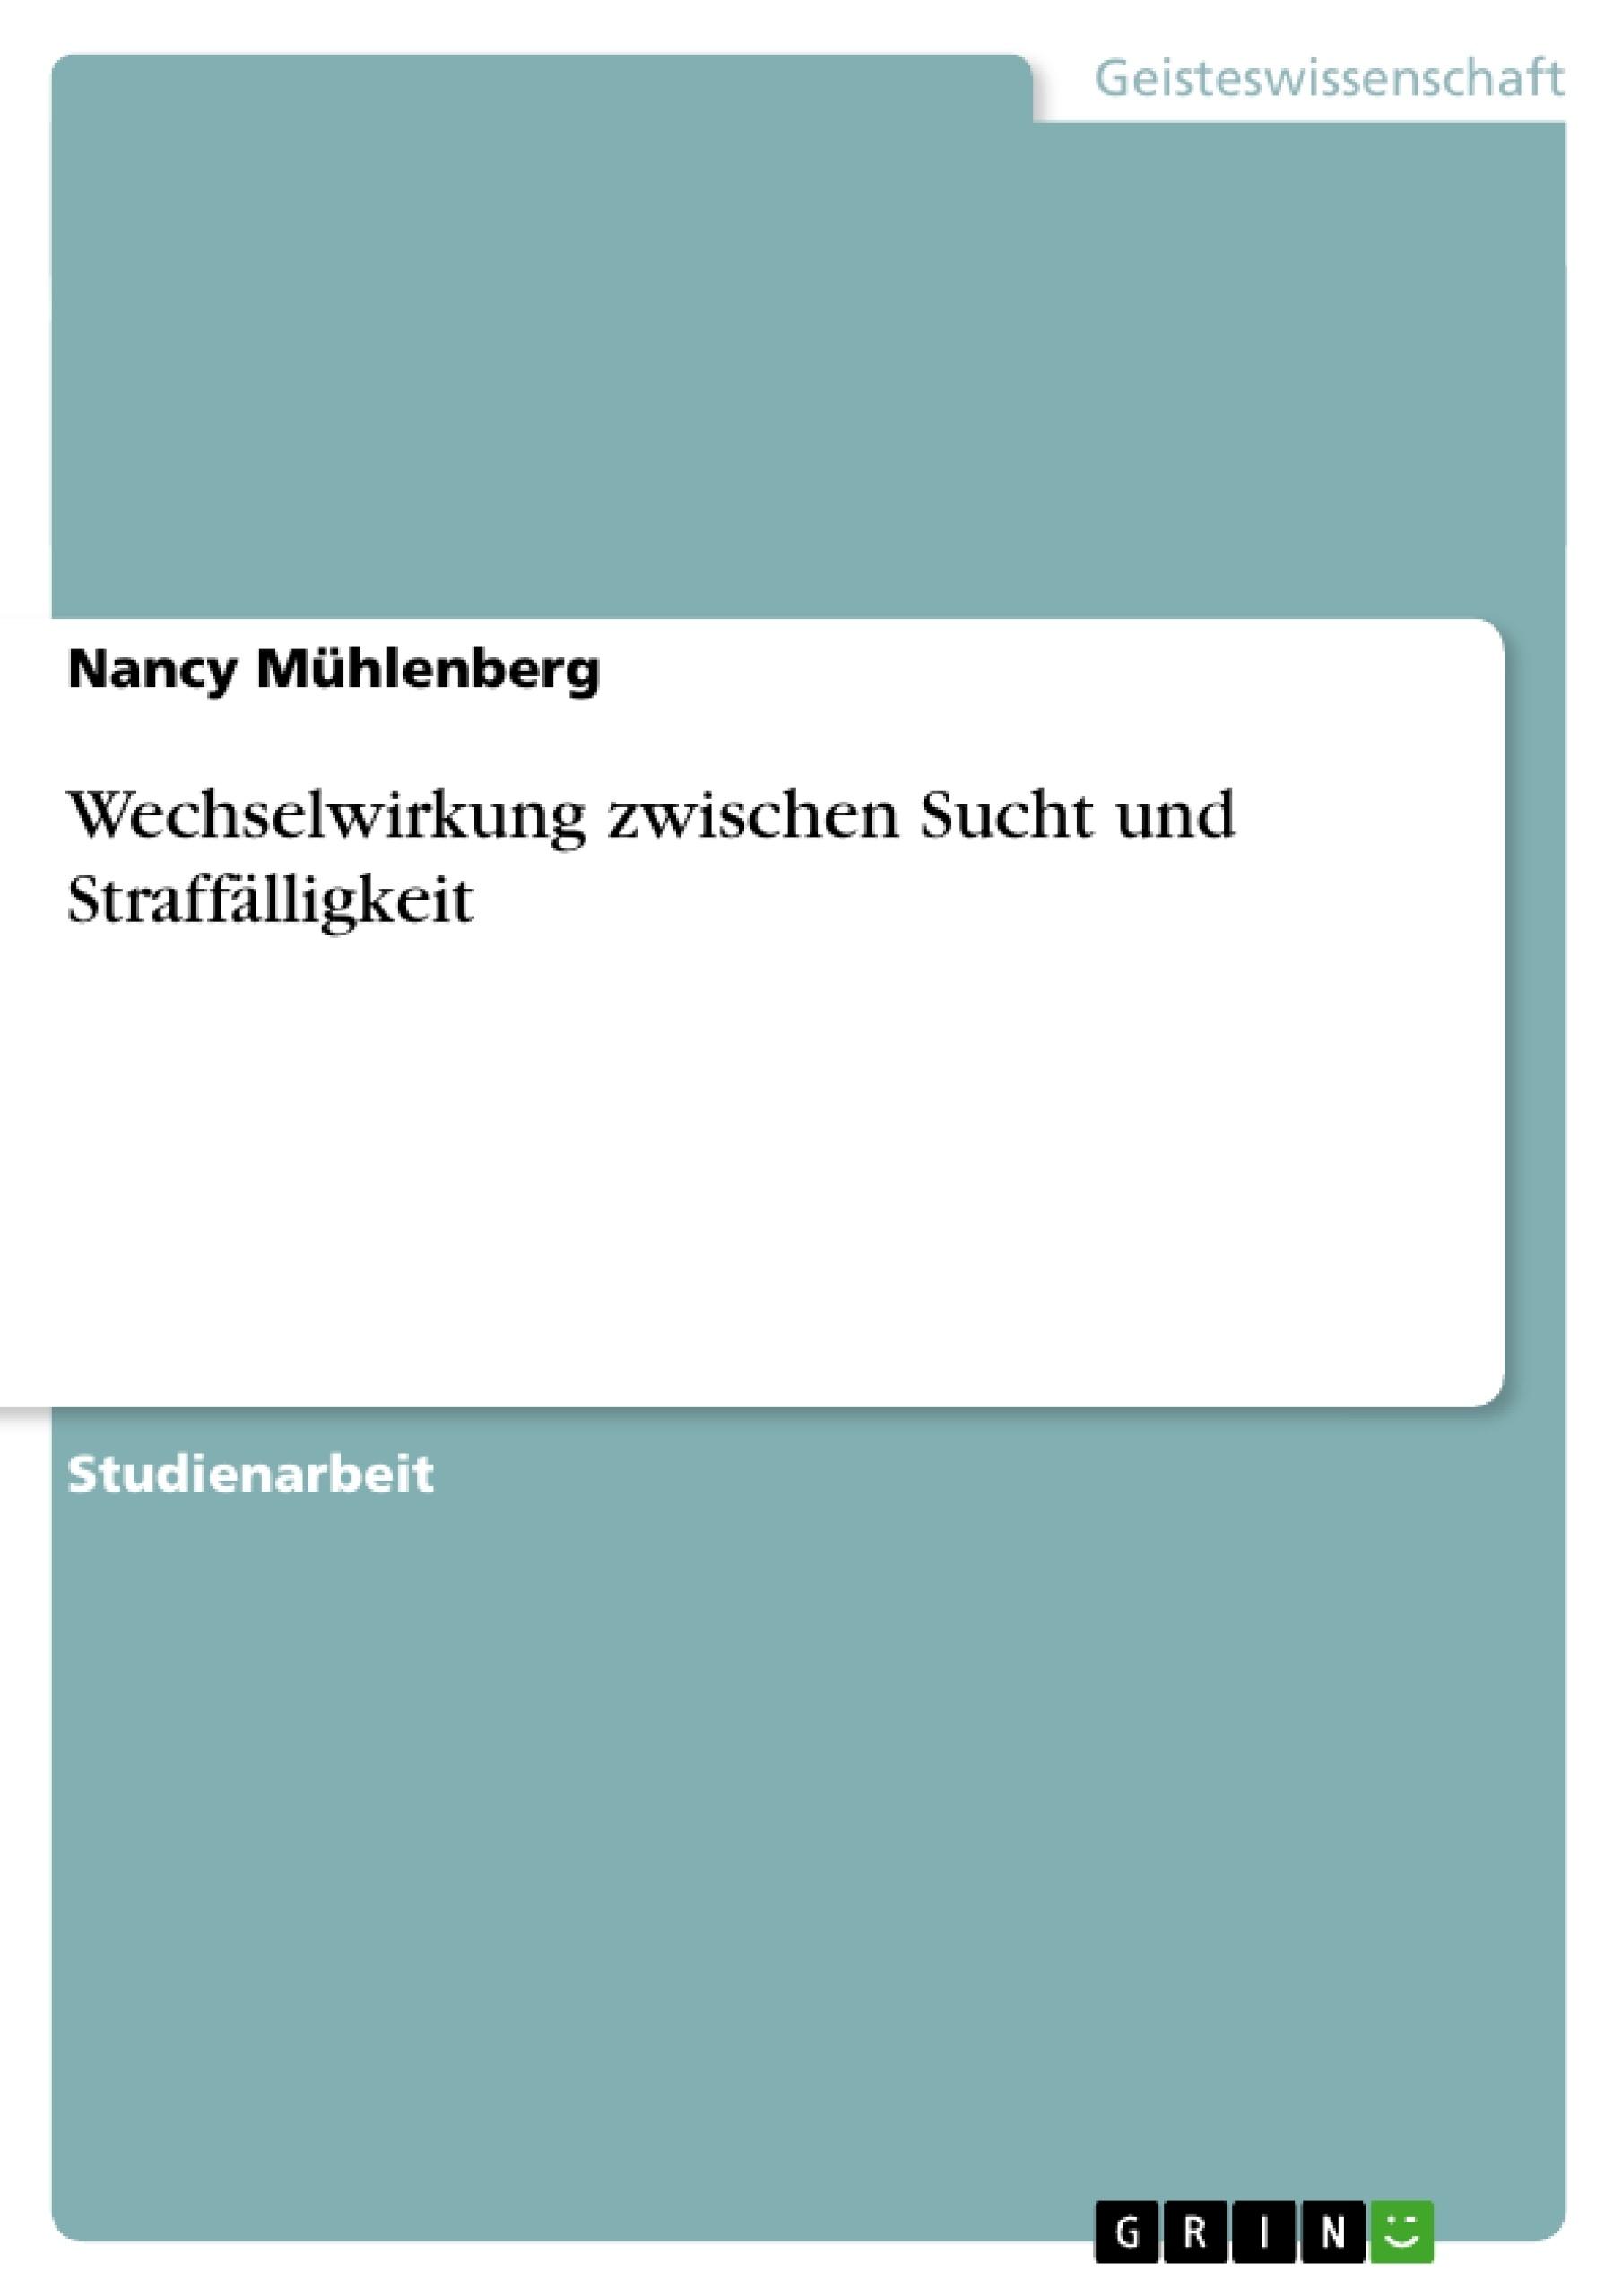 Titel: Wechselwirkung zwischen Sucht und Straffälligkeit